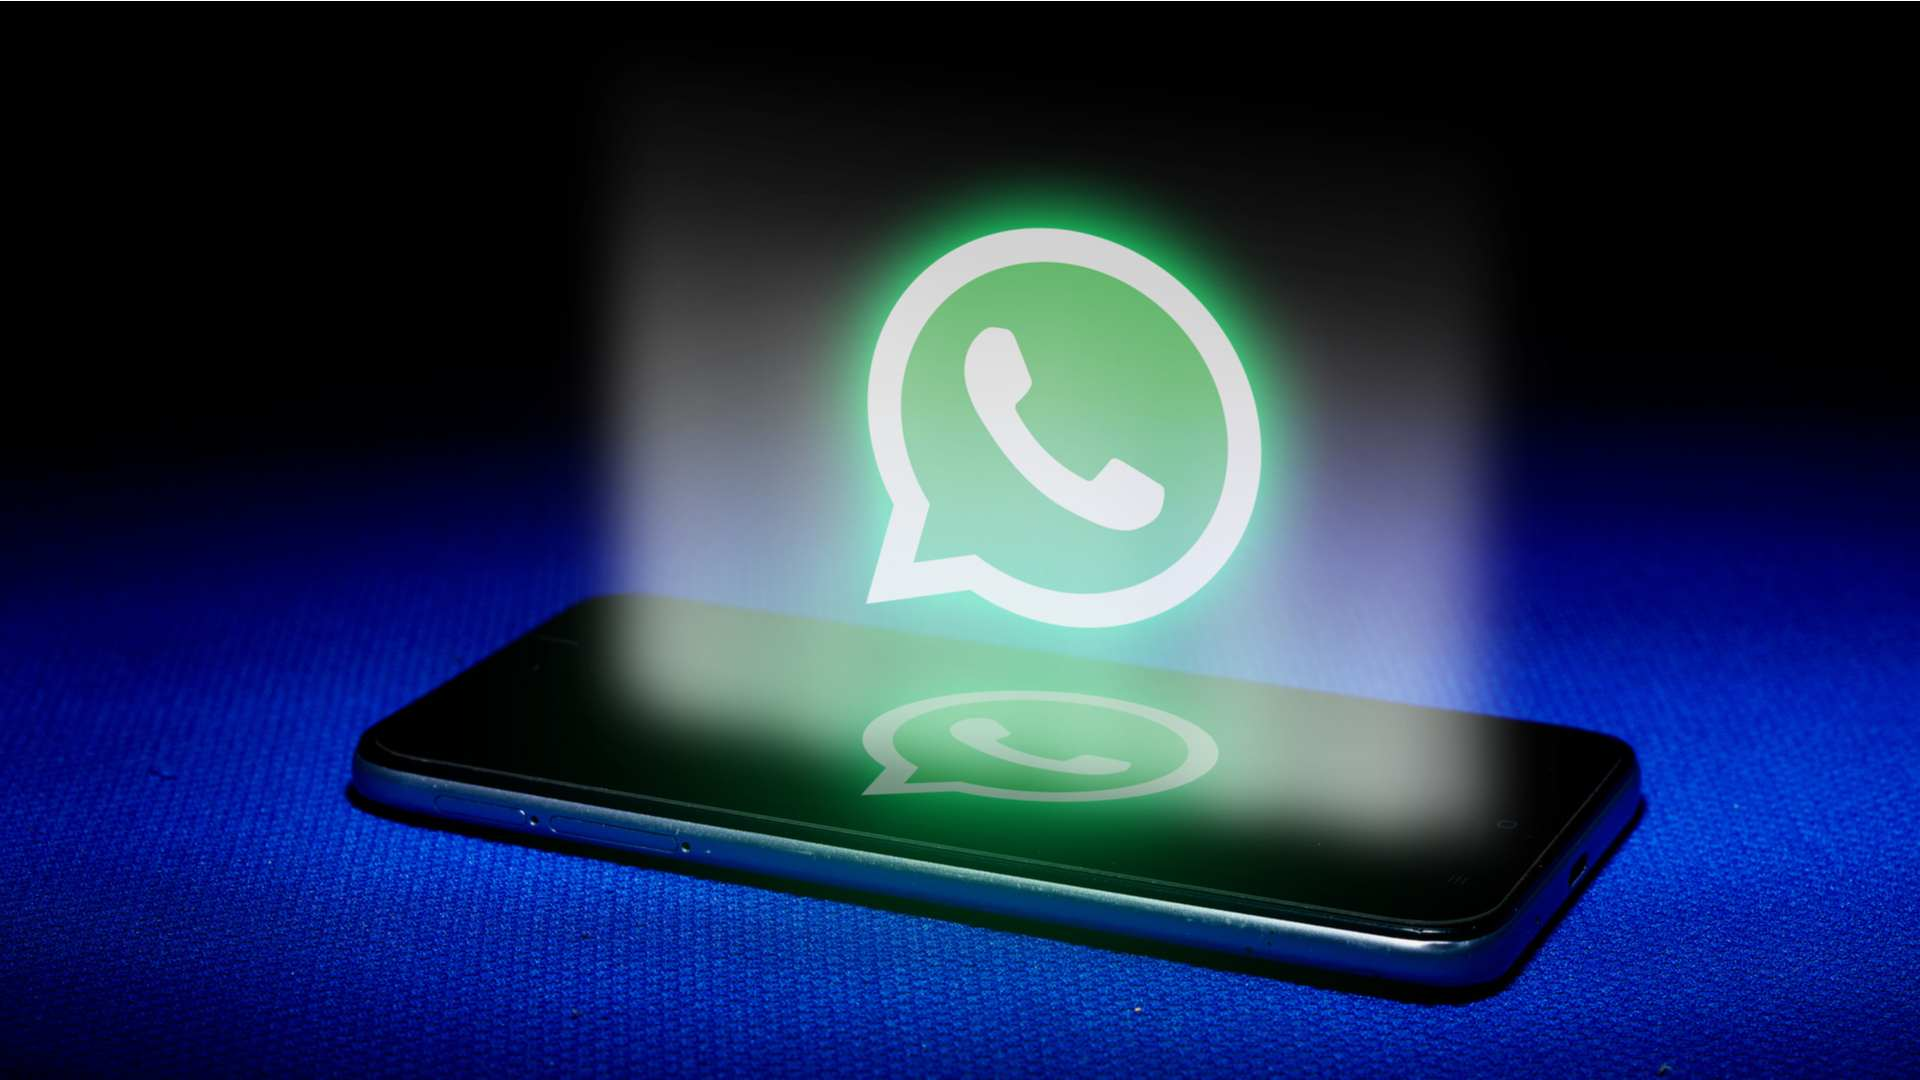 Desenho do símbolo do WhatsApp saindo da tela de um celular sobre um fundo azul